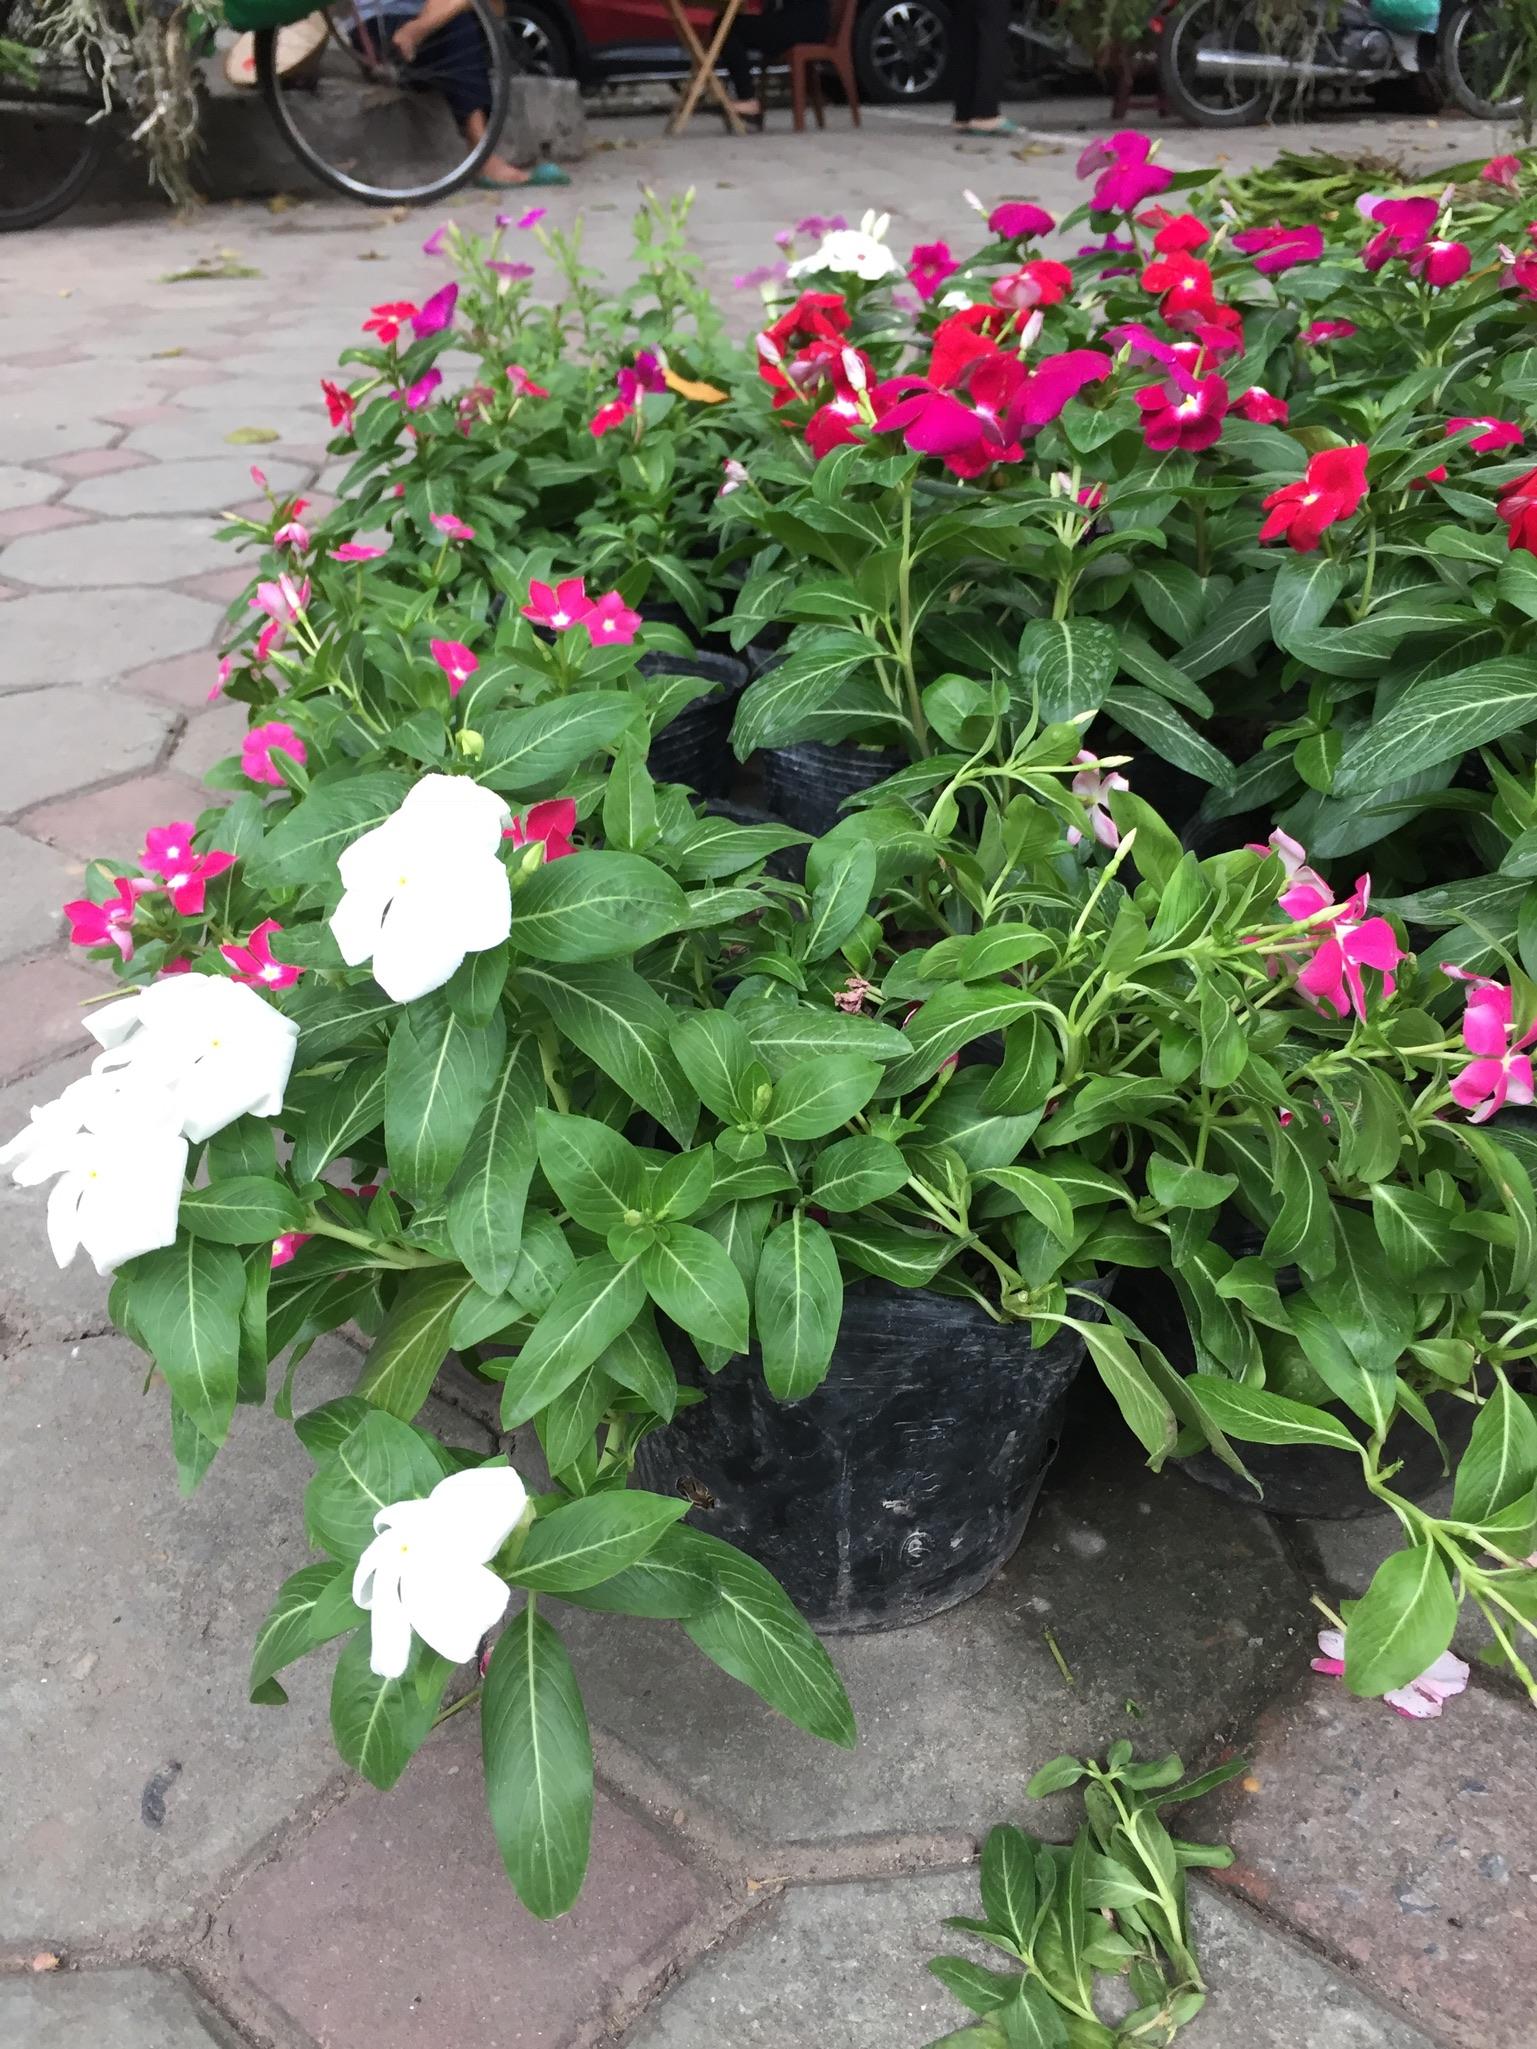 Hoa dừa cạn với màu trắng dịu dàng, hồng phấn trẻ trung hoặc màu tim tím nhớ thương, tạo sự bình yên, ấm áp.